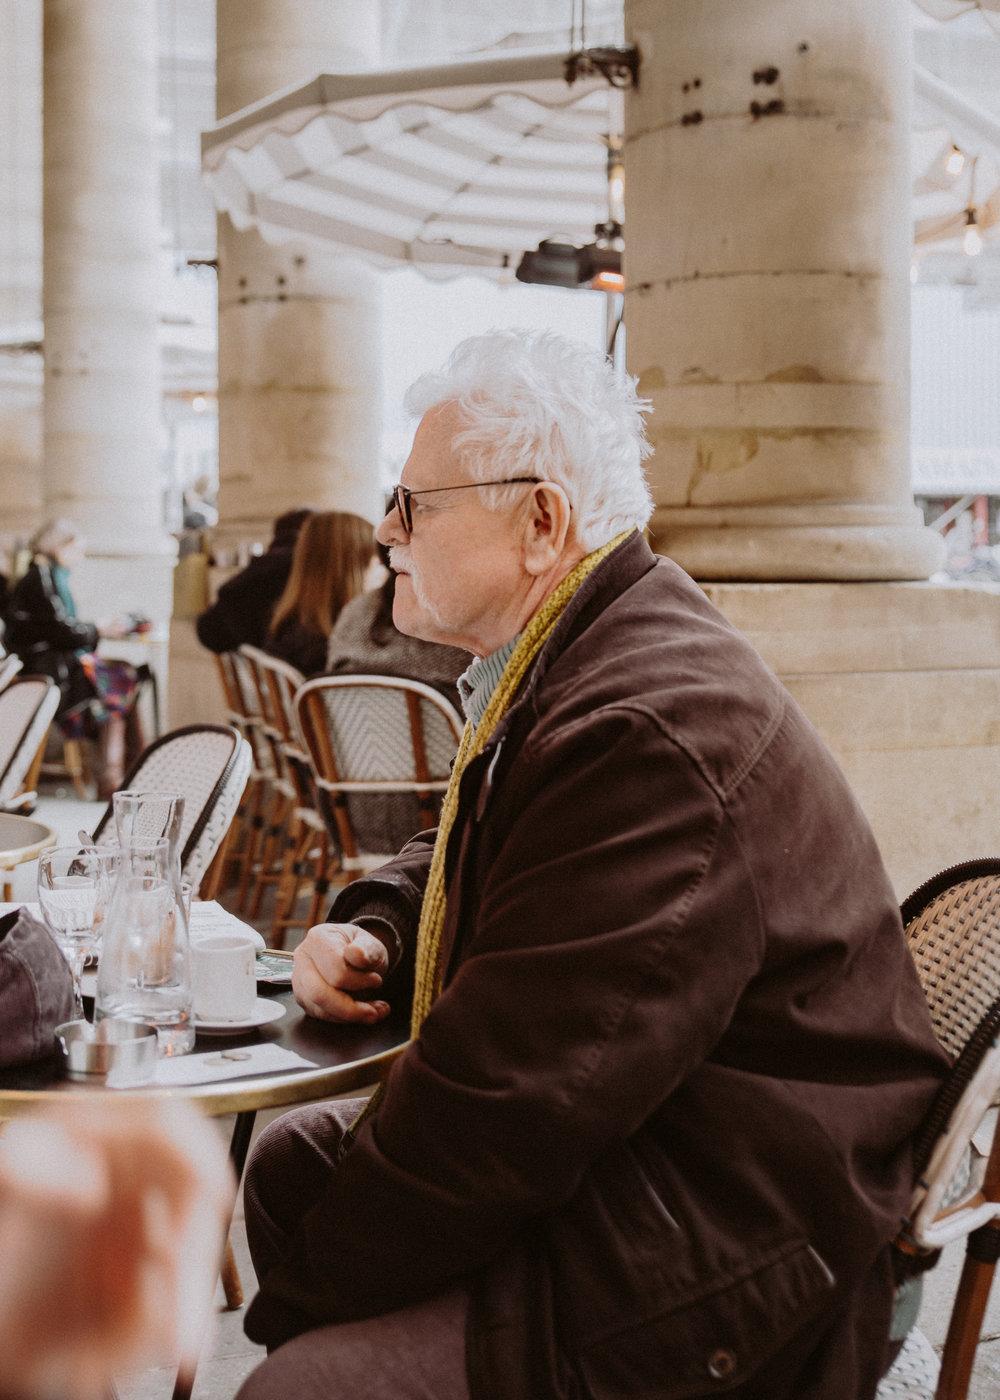 ParisPeople (15 of 19).jpg